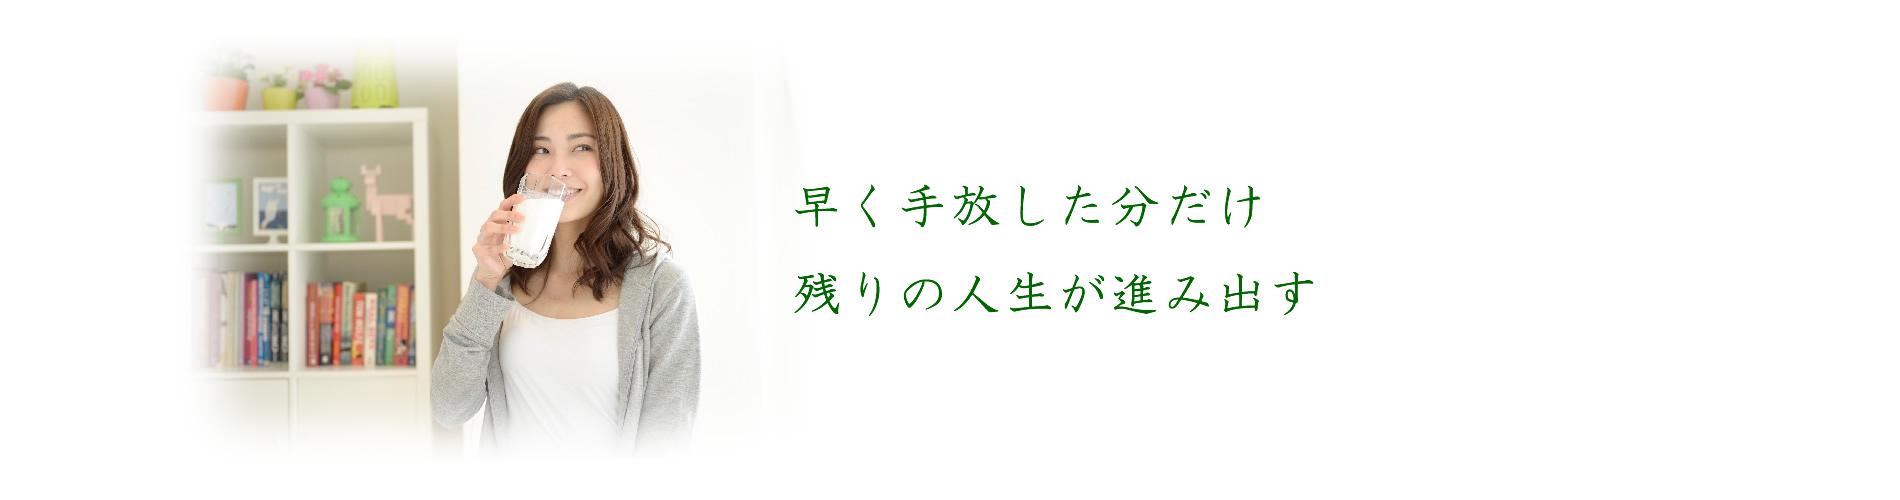 アダルトチルドレン専門カウンセリング(大阪)「早く手放した分だけ人生が進む」